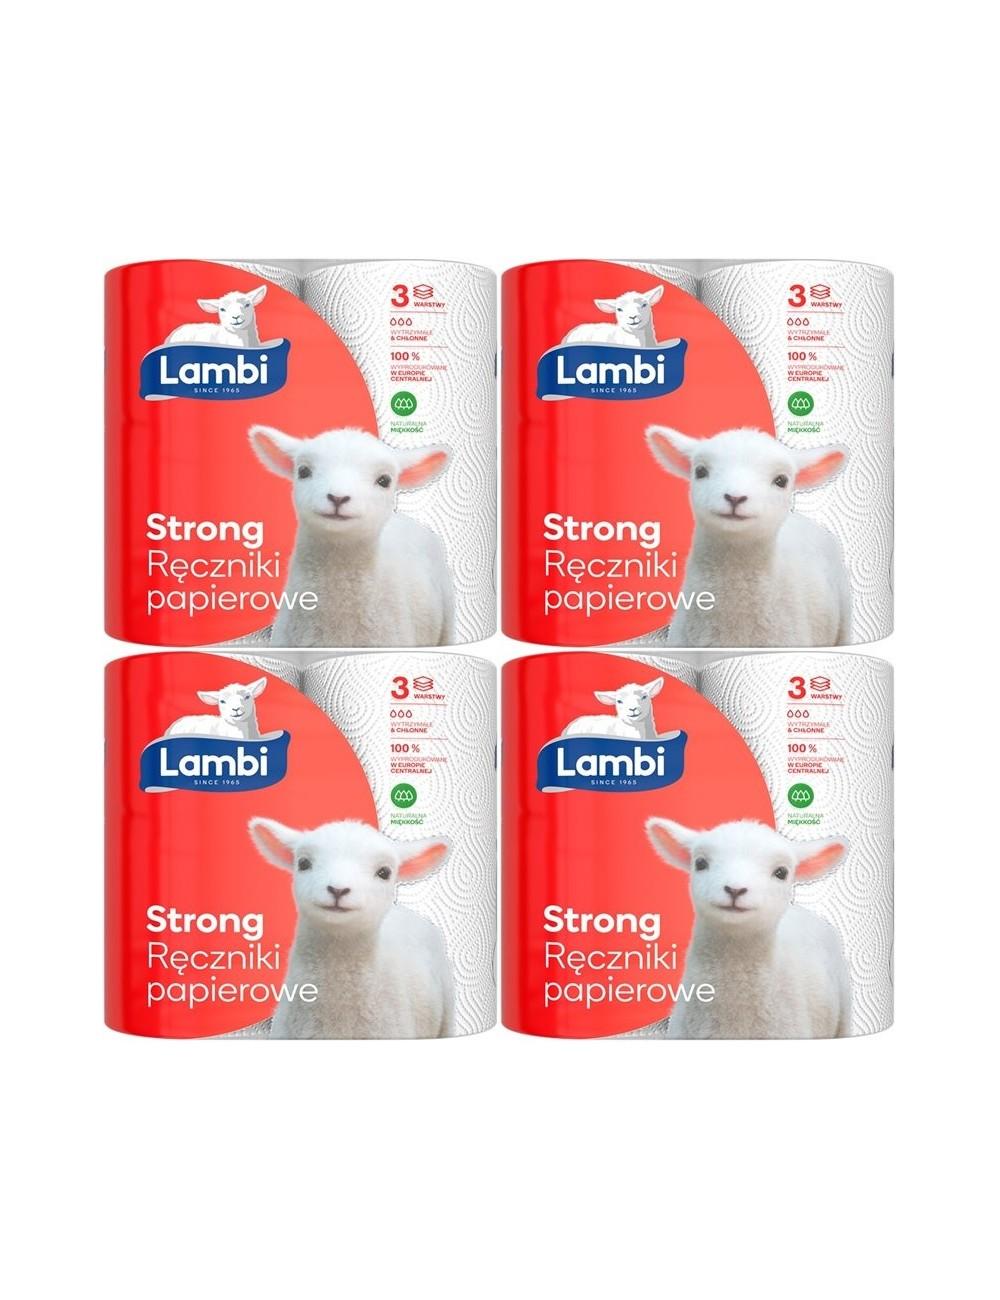 Lambi Ręczniki Papierowe 3-Warstwowe Celuloza Strong Zestaw (4x 2 rolki)